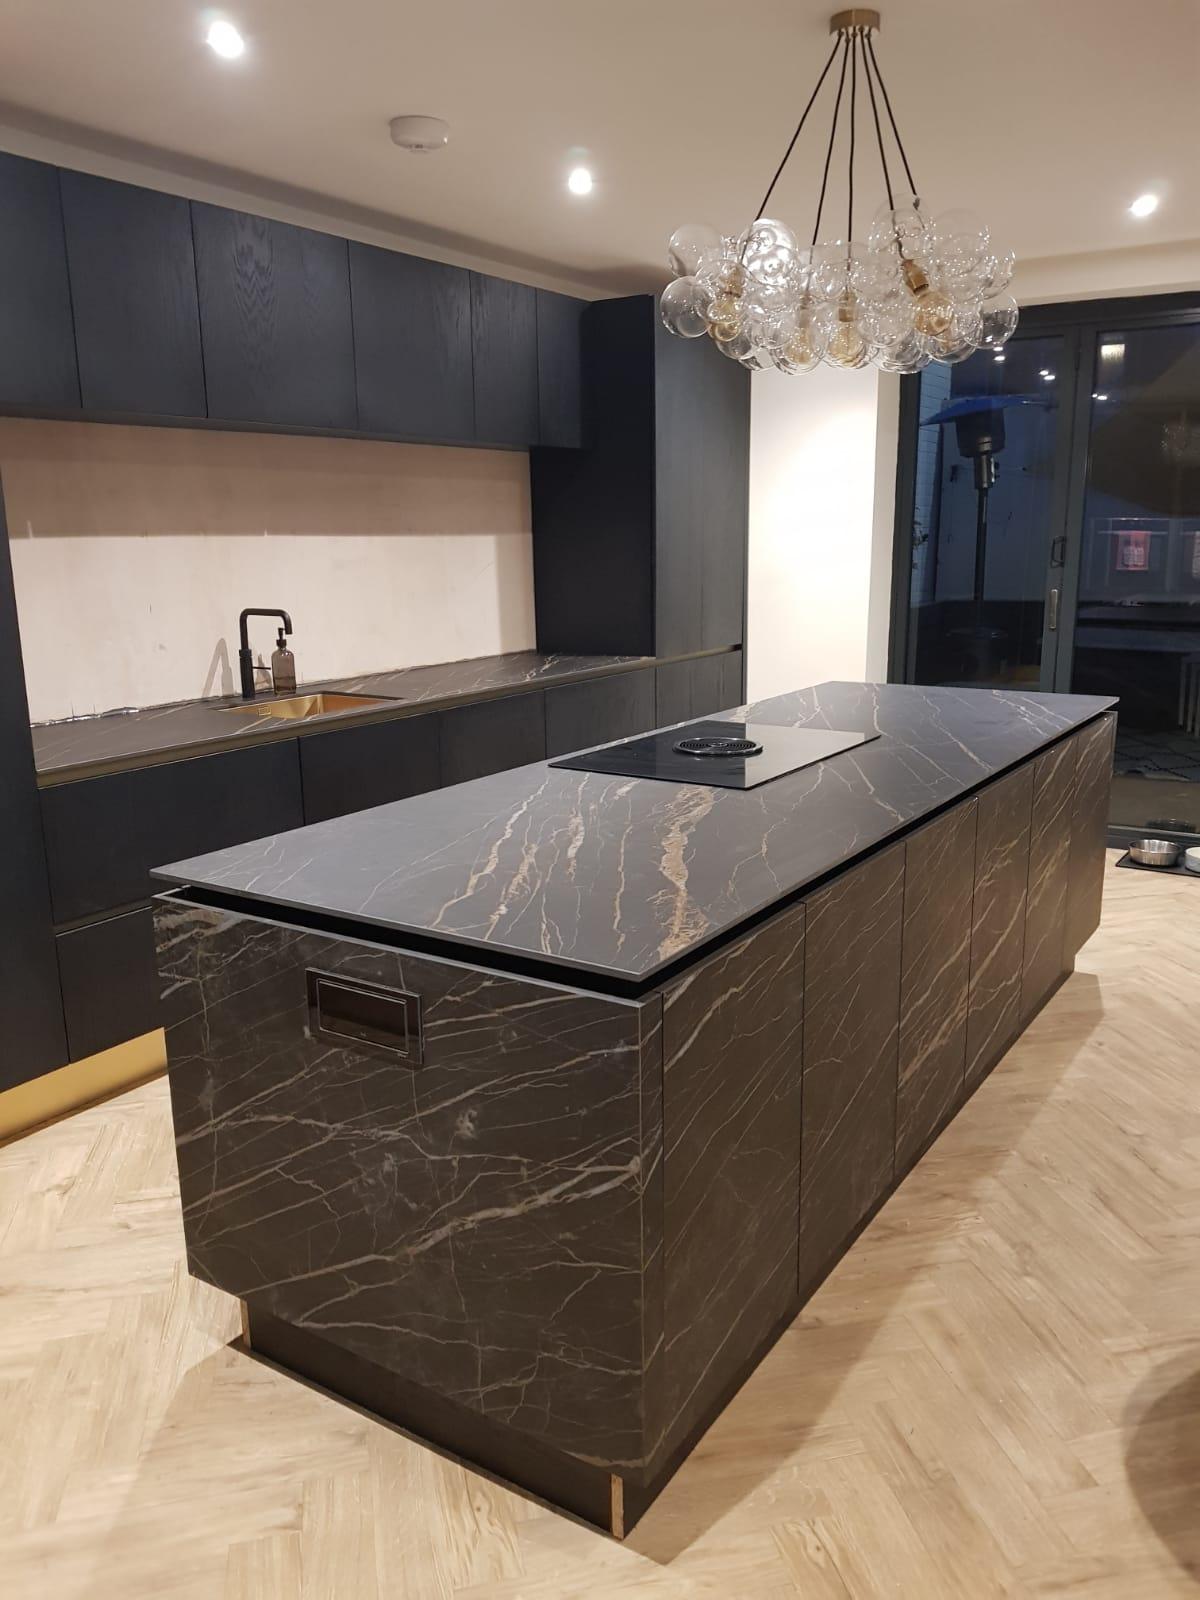 Wolveleigh kitchen designs